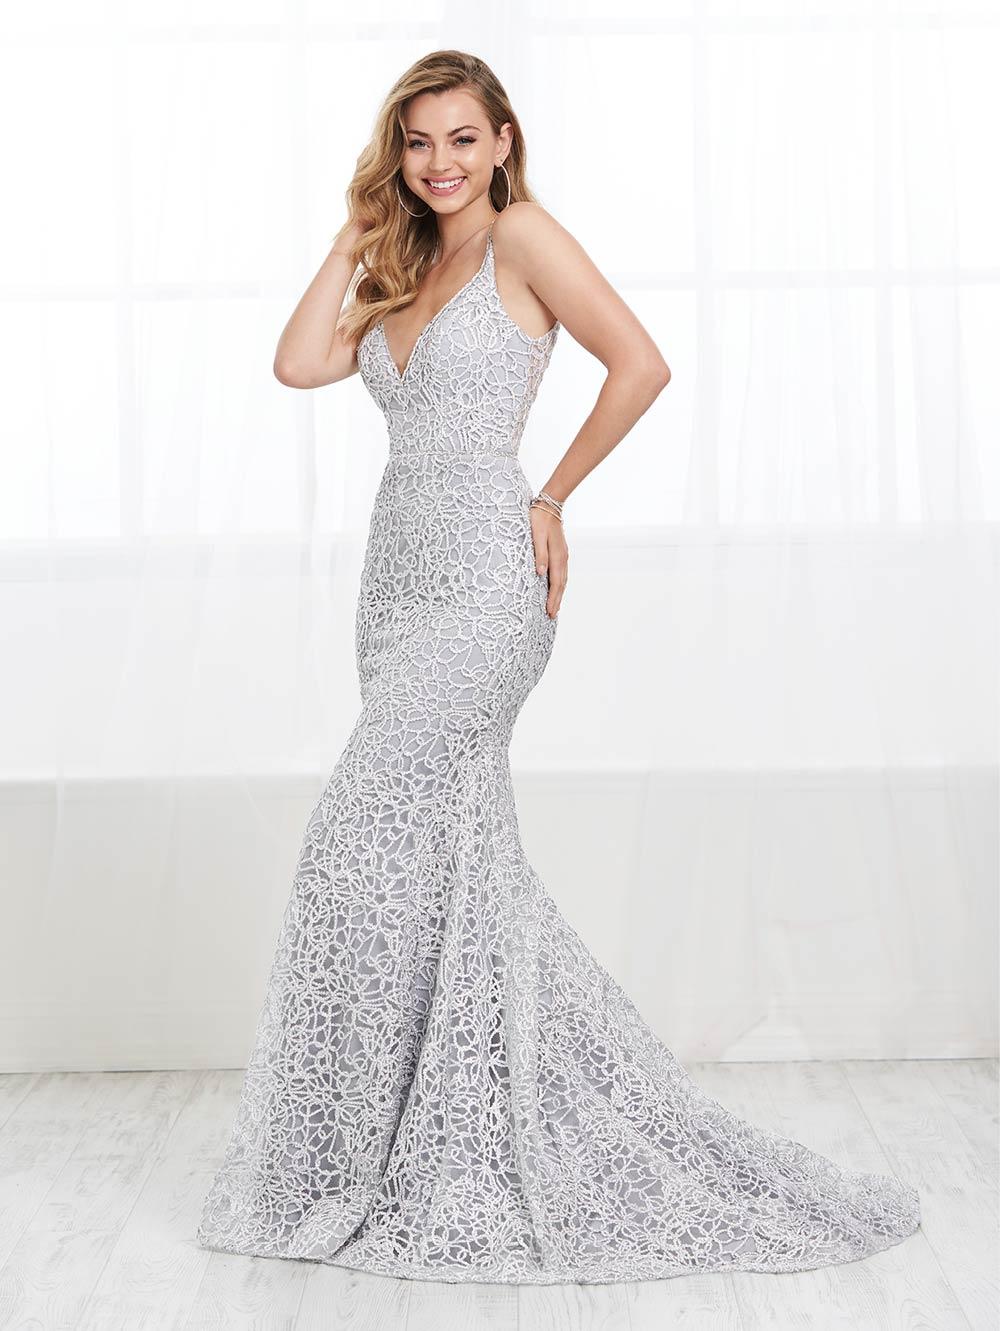 prom-dresses-jacquelin-bridals-canada-27646